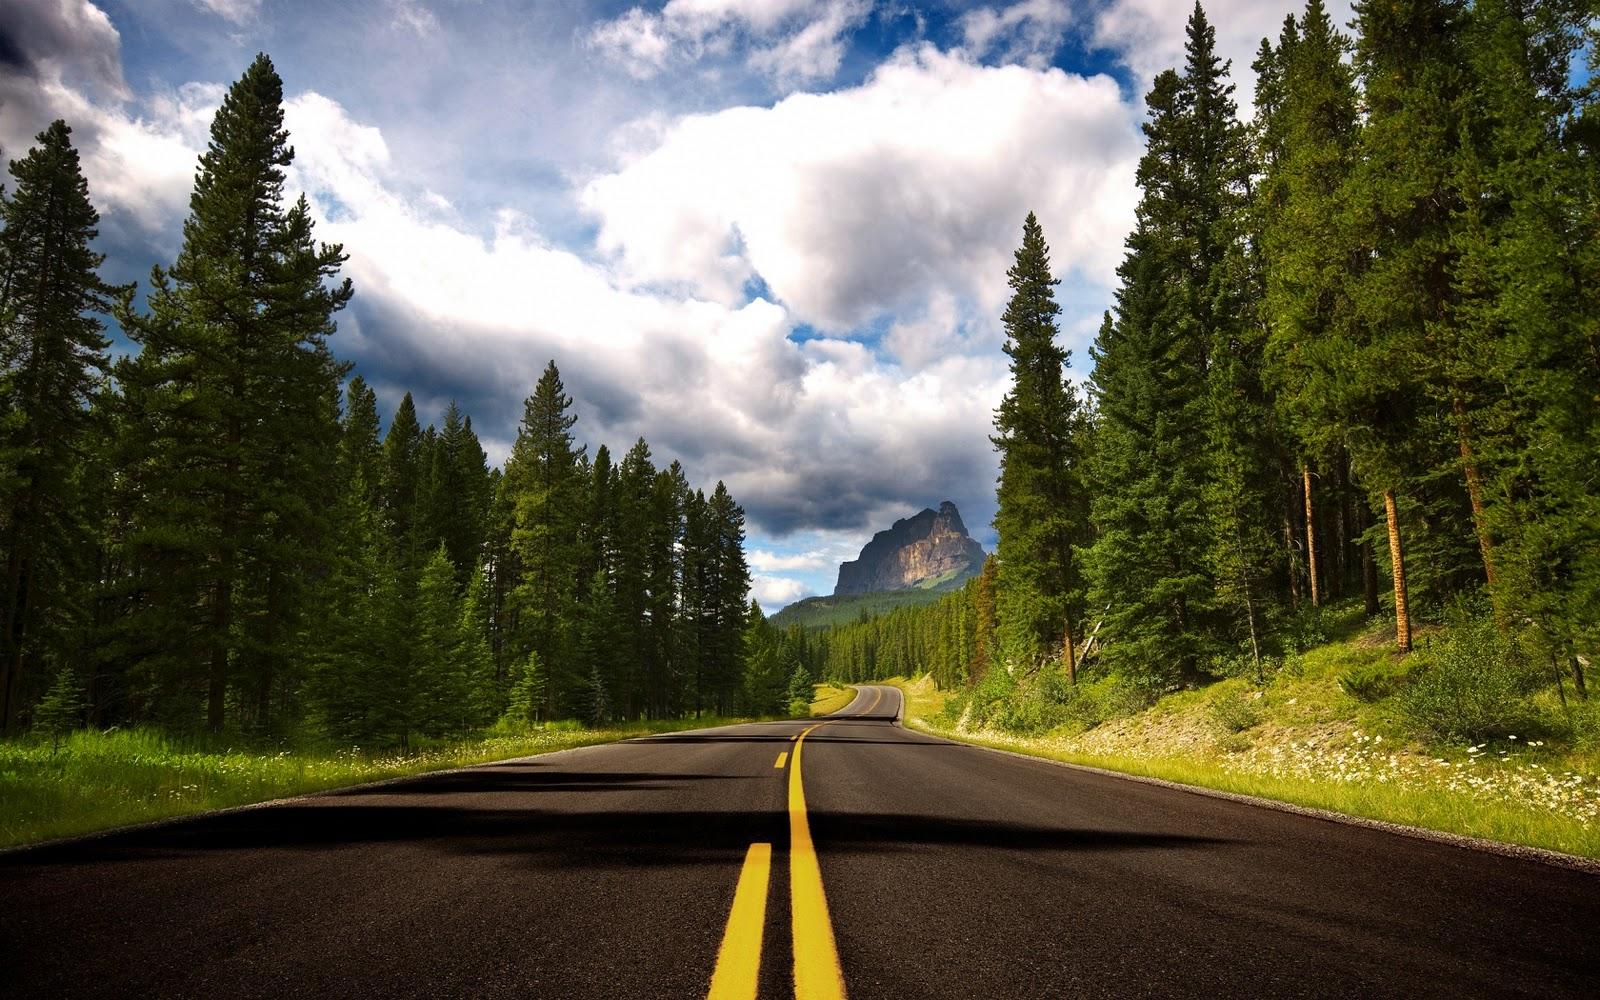 http://2.bp.blogspot.com/-mDCYwXgsULE/ThsZ4LJLsUI/AAAAAAAAH7E/1tKt-ZtOwCk/s1600/roads+Wallpapers+hd.jpg